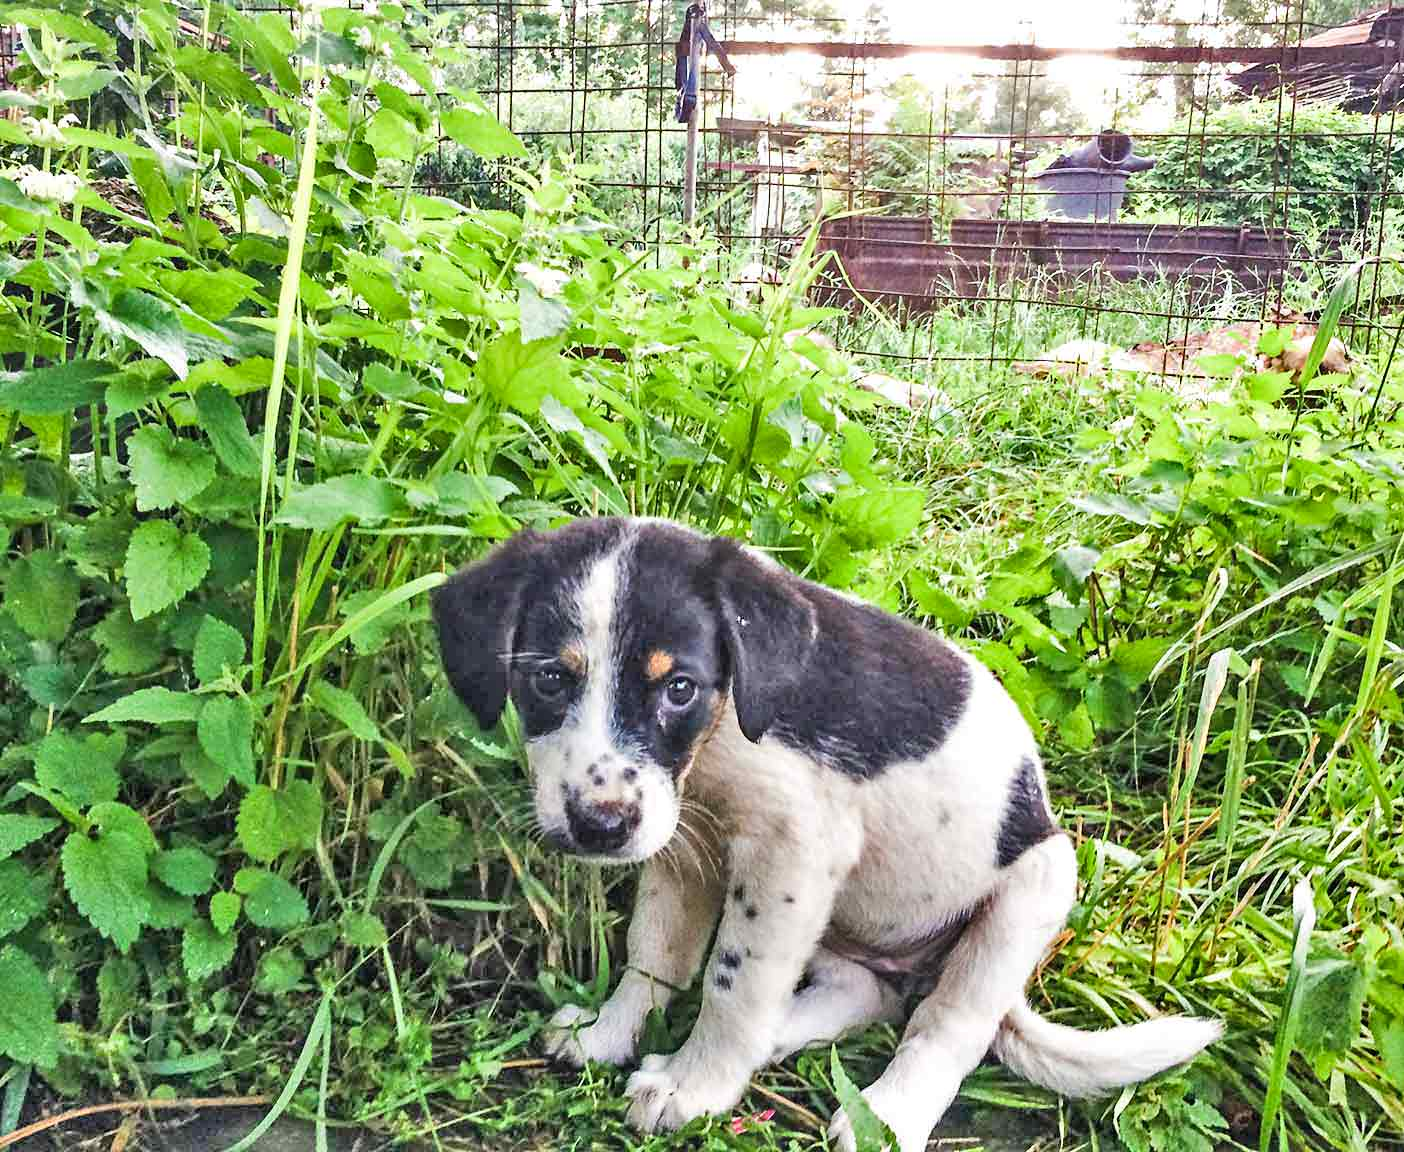 russische-hunde-straßenhunde-tierheim-adoption-vermittlung-von-haustieren-hilfe-spenden-17